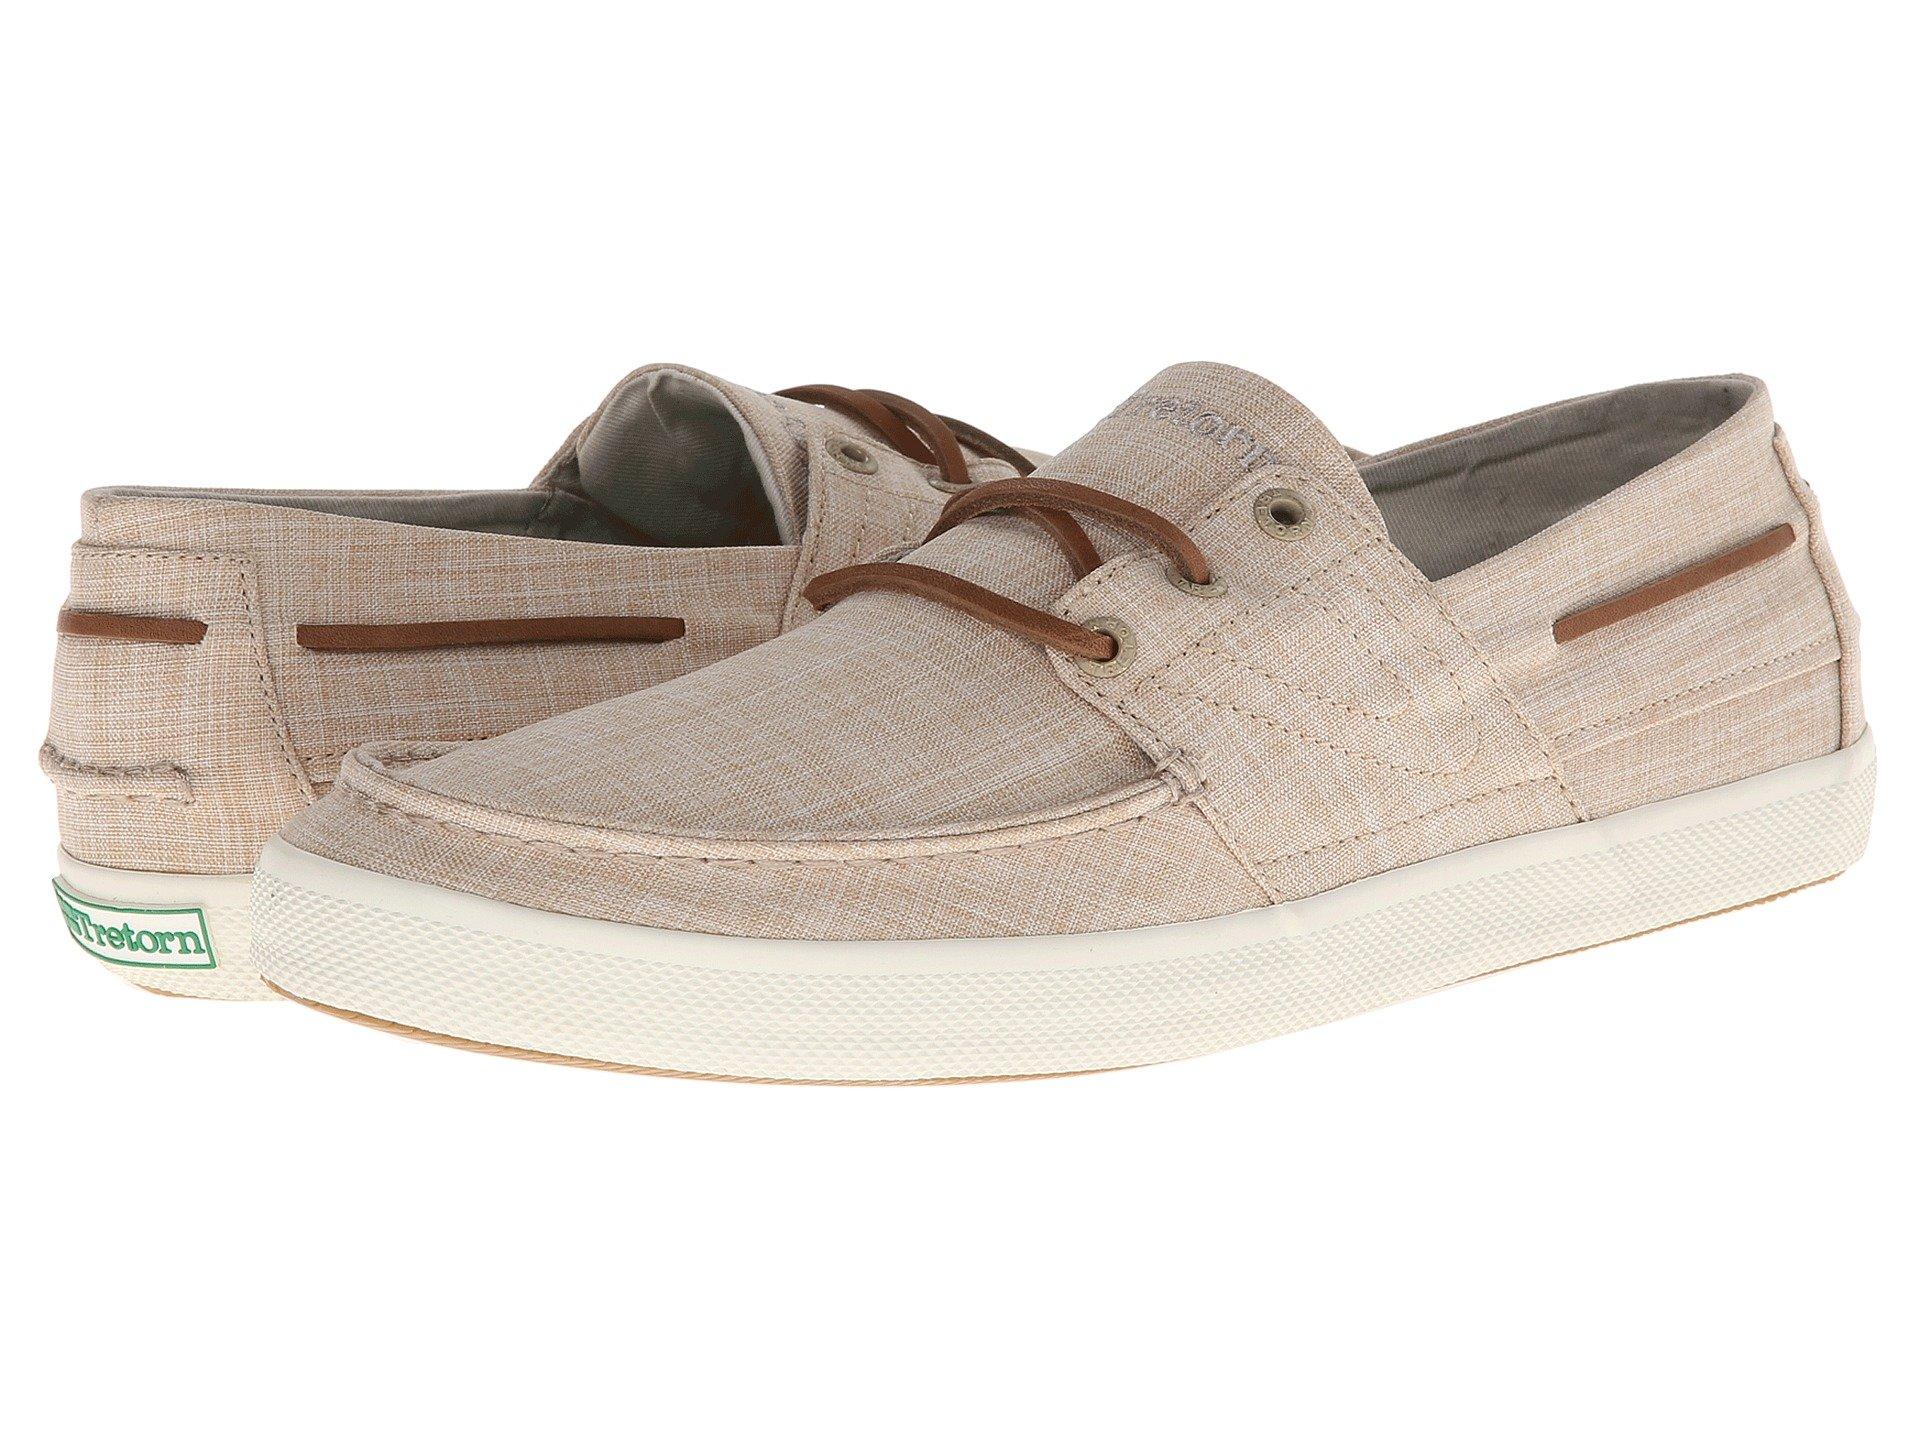 Calzado Tipo Boat Shoe para Hombre Tretorn Otto Linen  + Tretorn en VeoyCompro.net